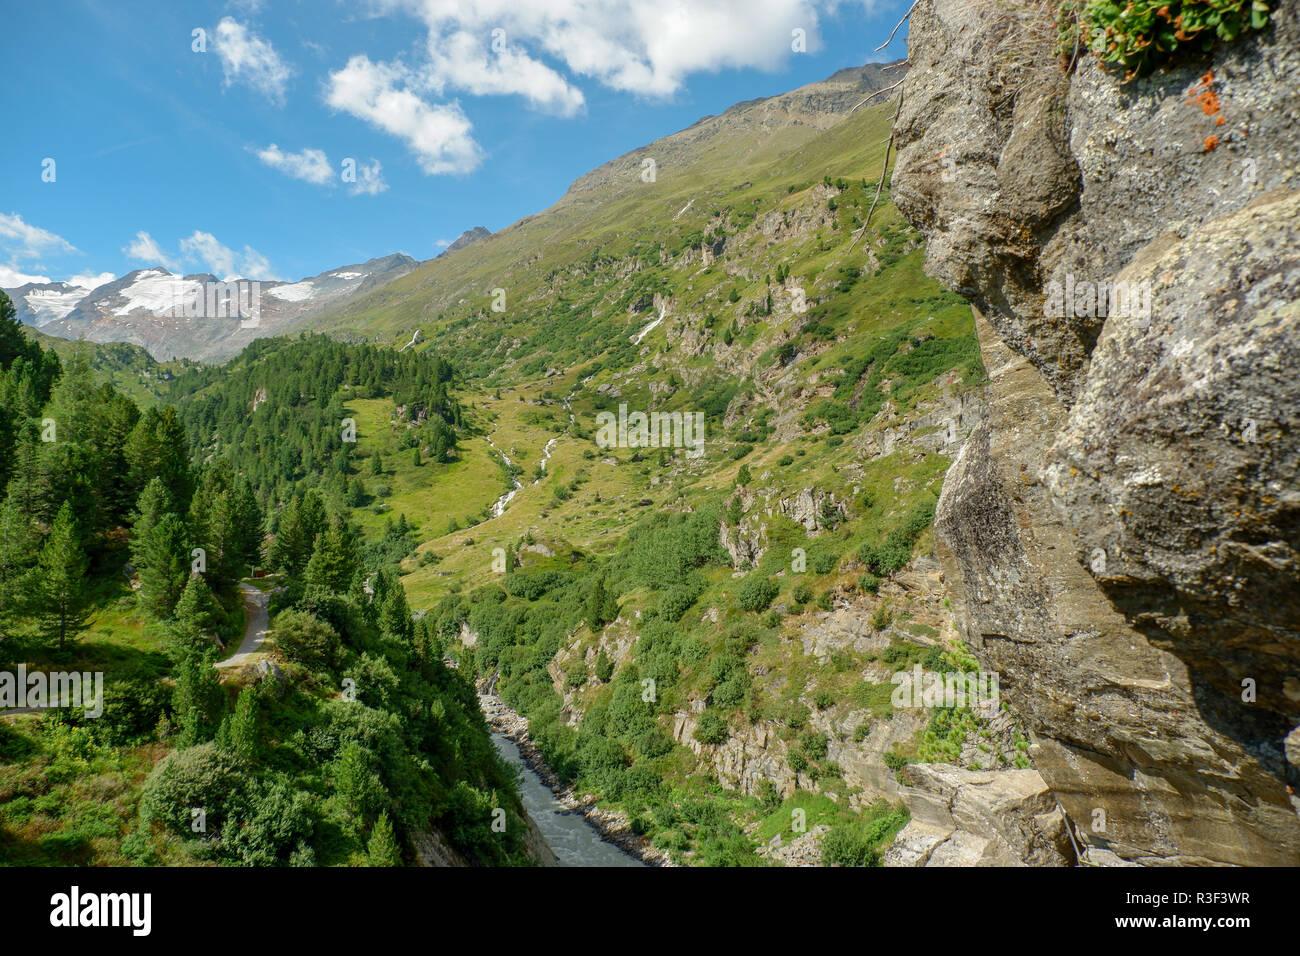 Klettersteig Obergurgl : Alpinsommer in obergurgl hochgurgl